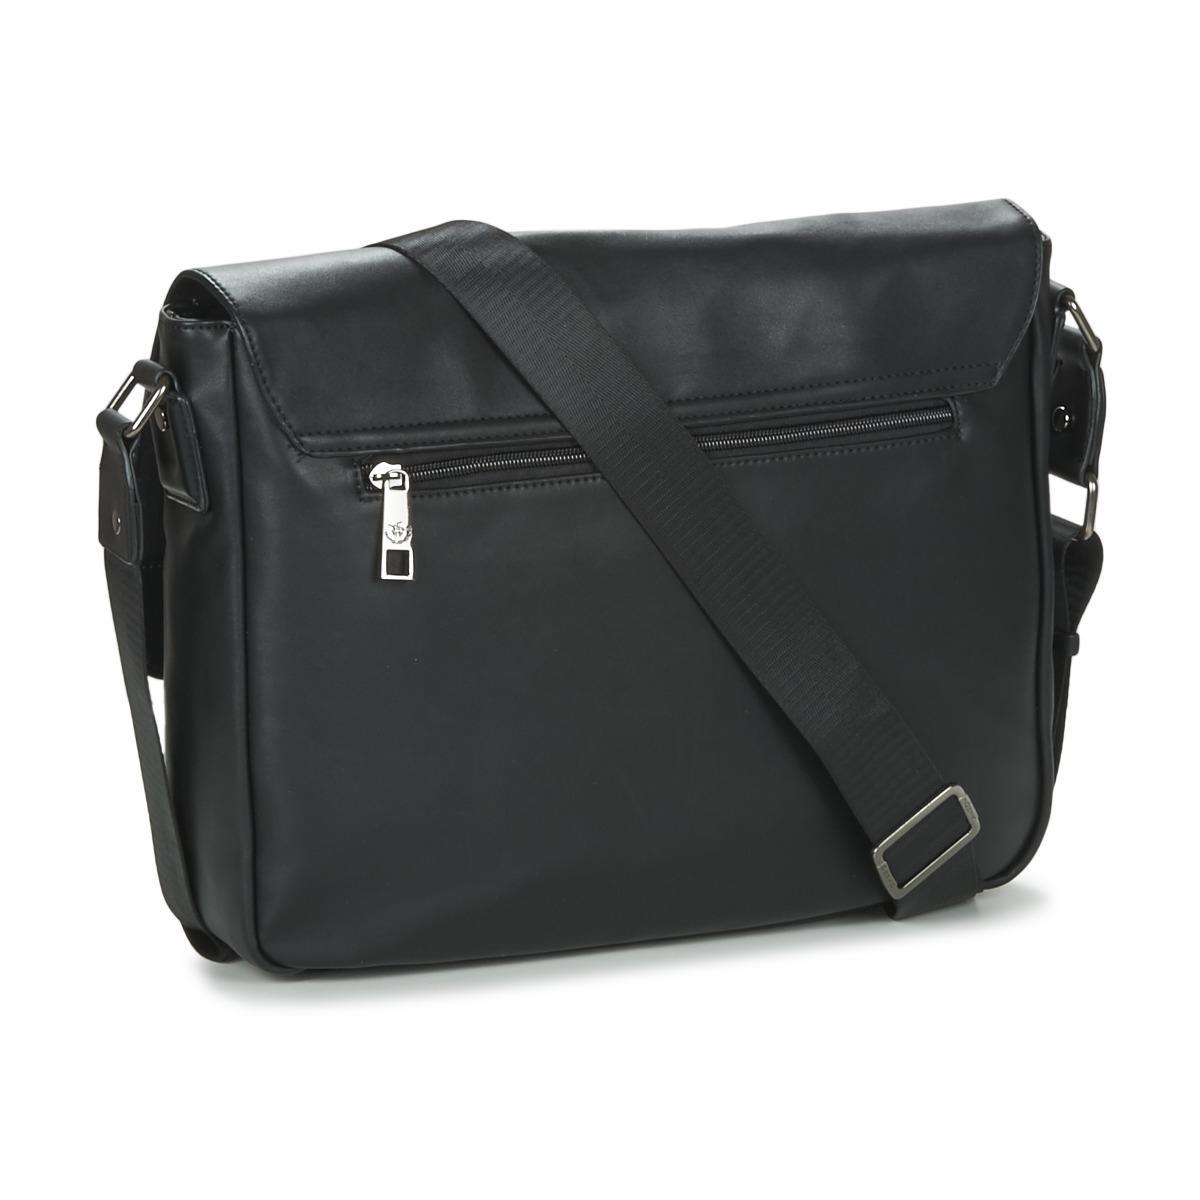 e9c54b3632 David Jones Jermon Men s Messenger Bag In Black in Black for Men - Lyst